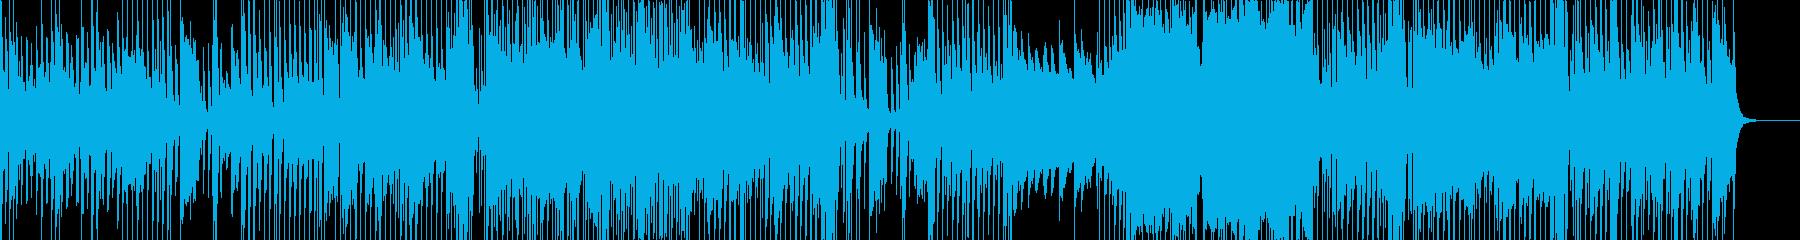 シンセと印象的なエレキギターの再生済みの波形